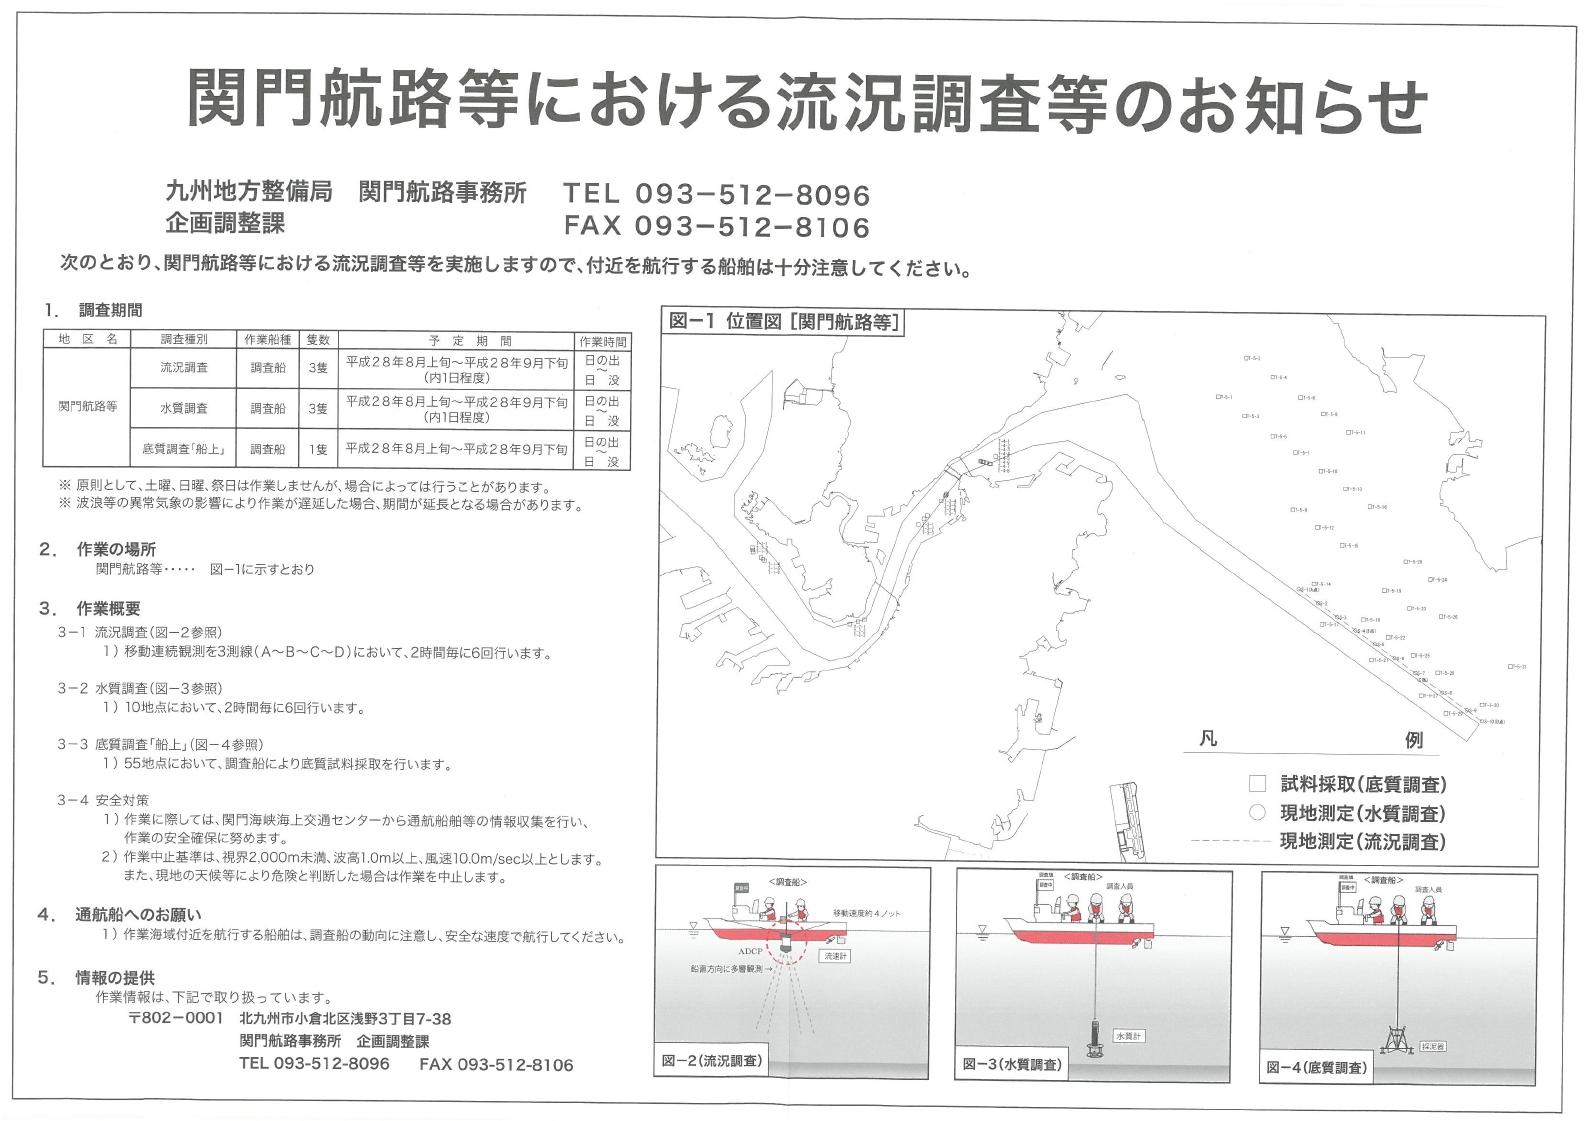 関門航路等における流況調査等のお知らせ.pdf_page_2